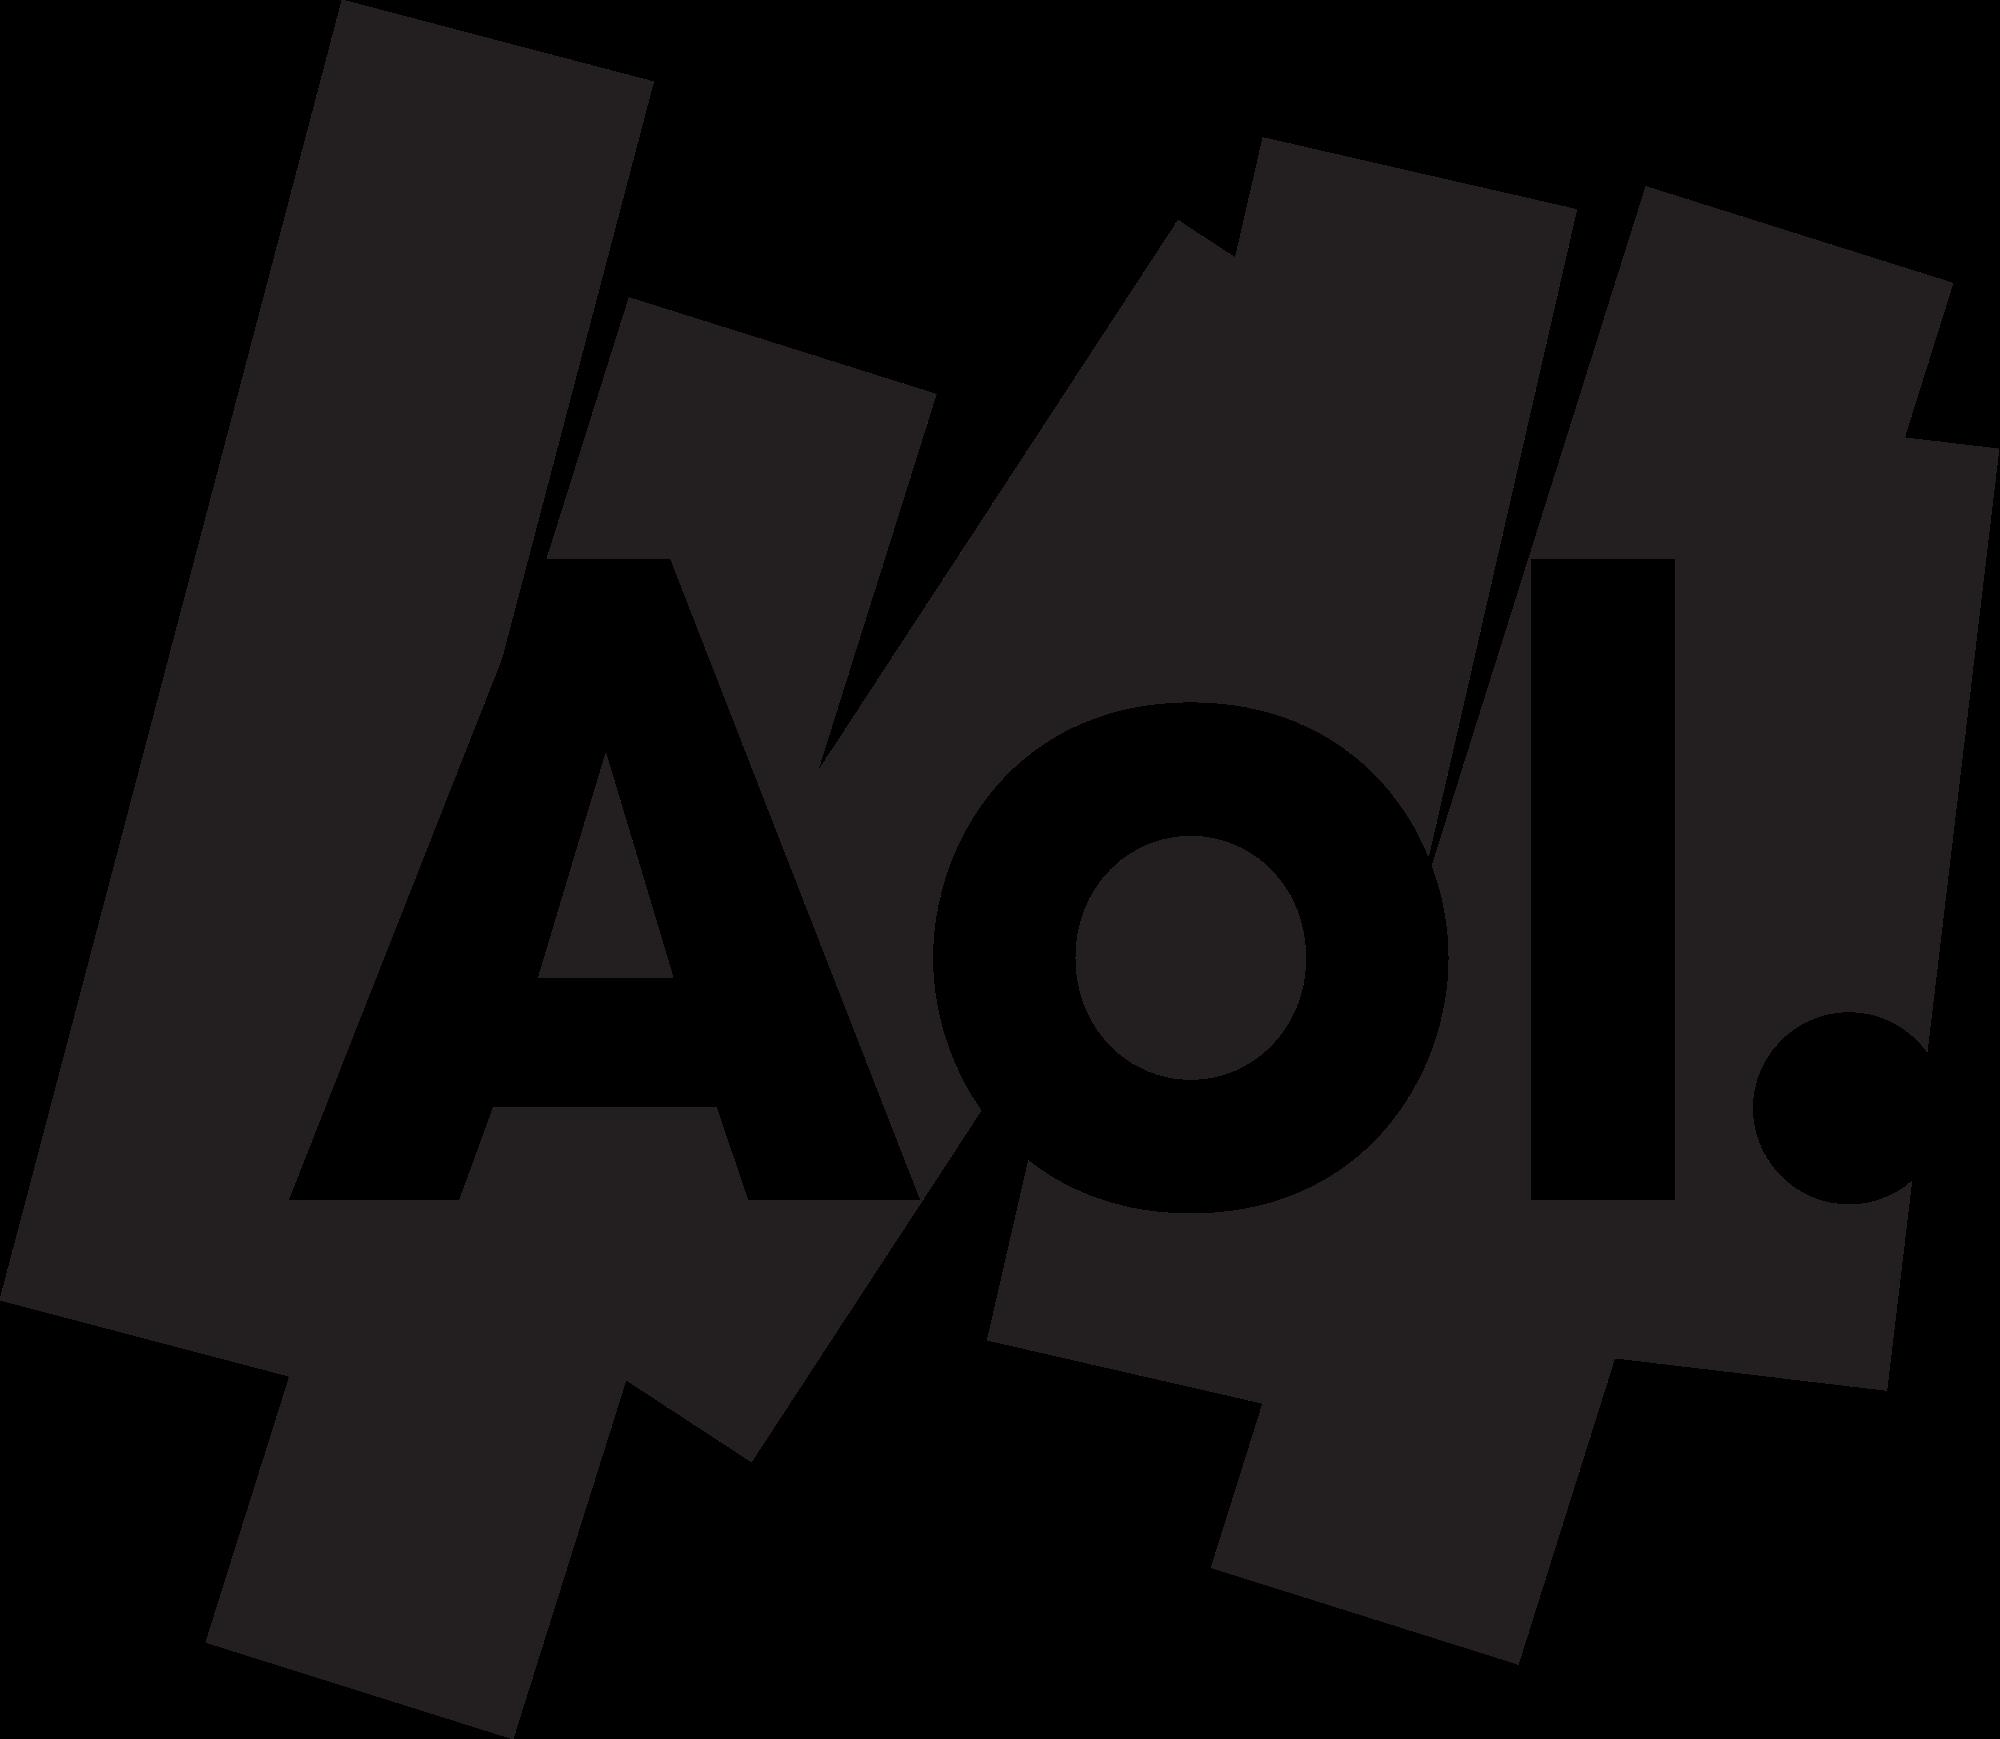 AOL_Eraser.png